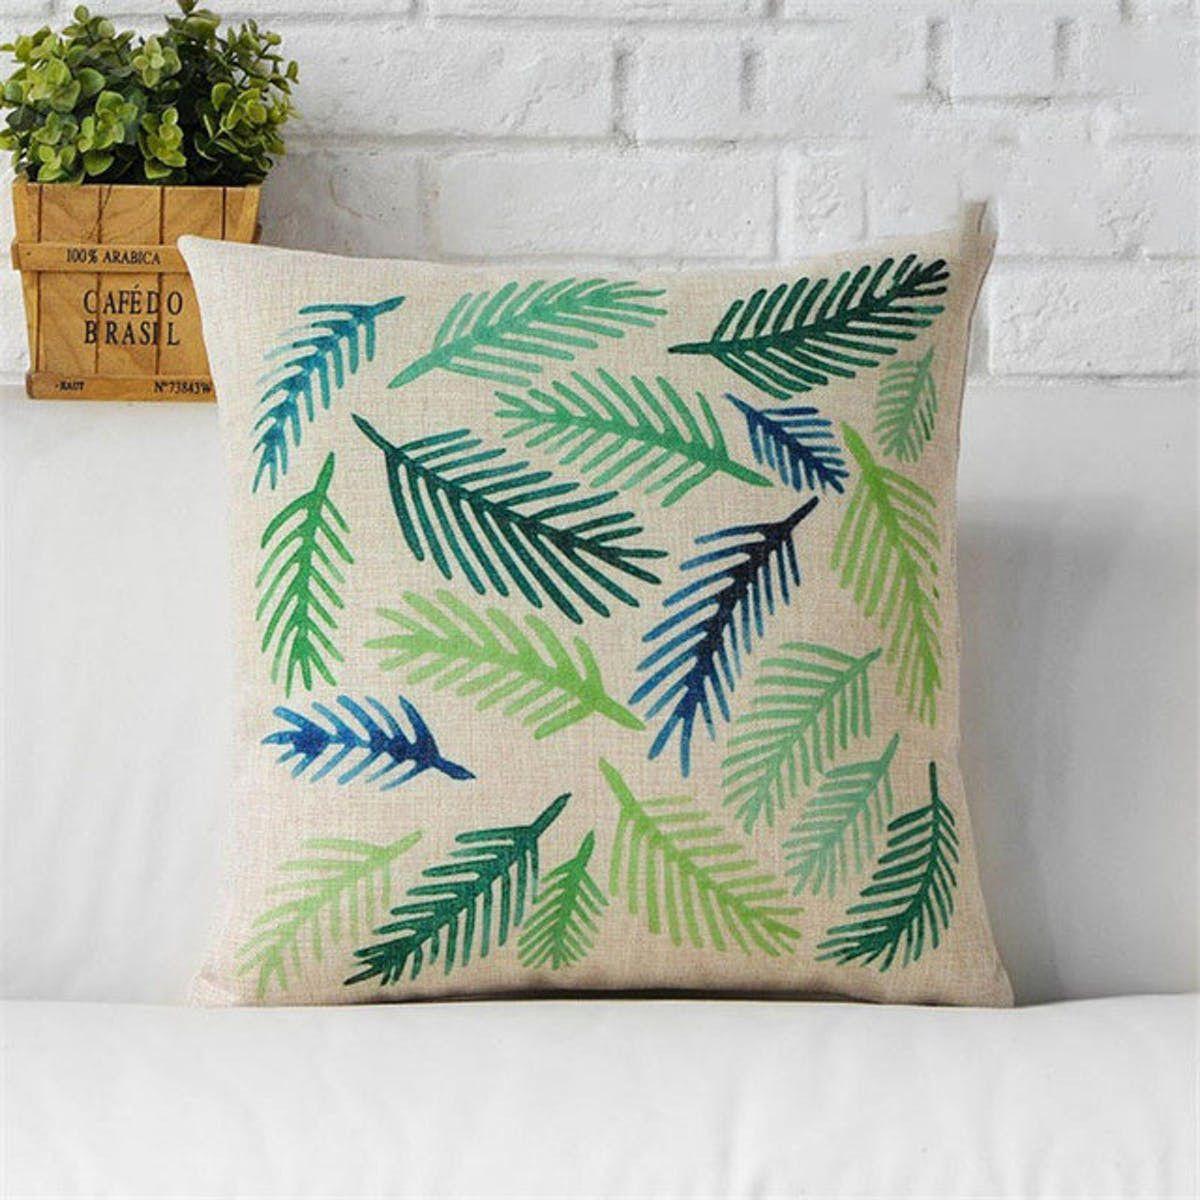 Nordic green cushion covers green cushion covers cheap cushion